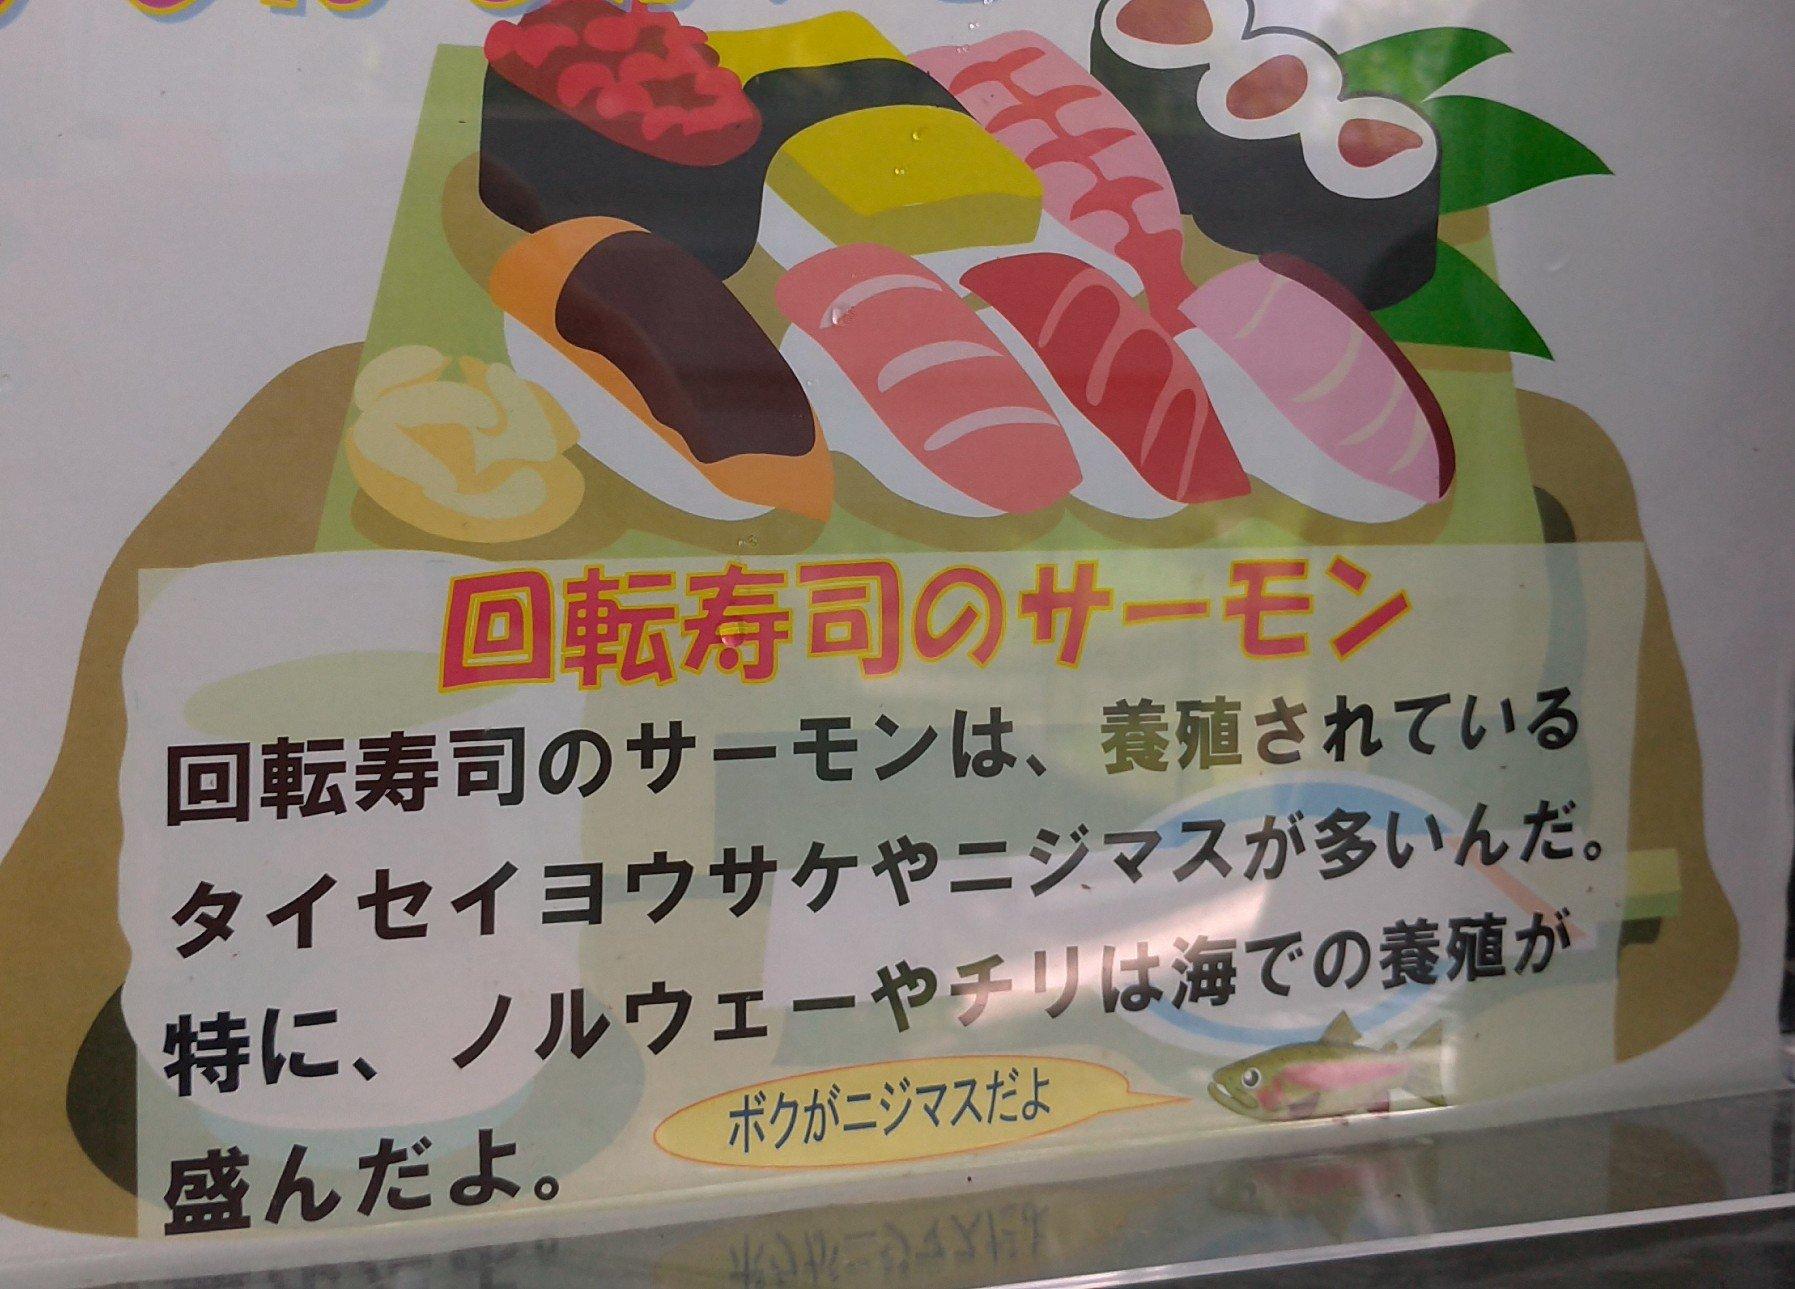 回転寿司のサーモンはニジマスであり鮭ではない